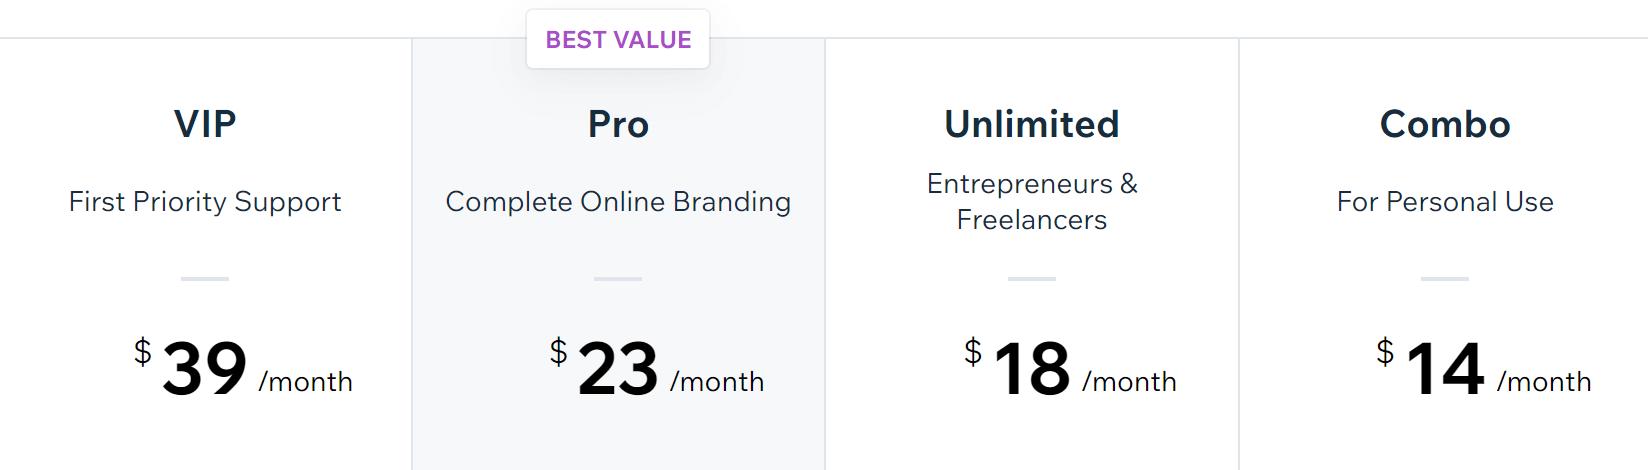 Opciones de precios de Wix.